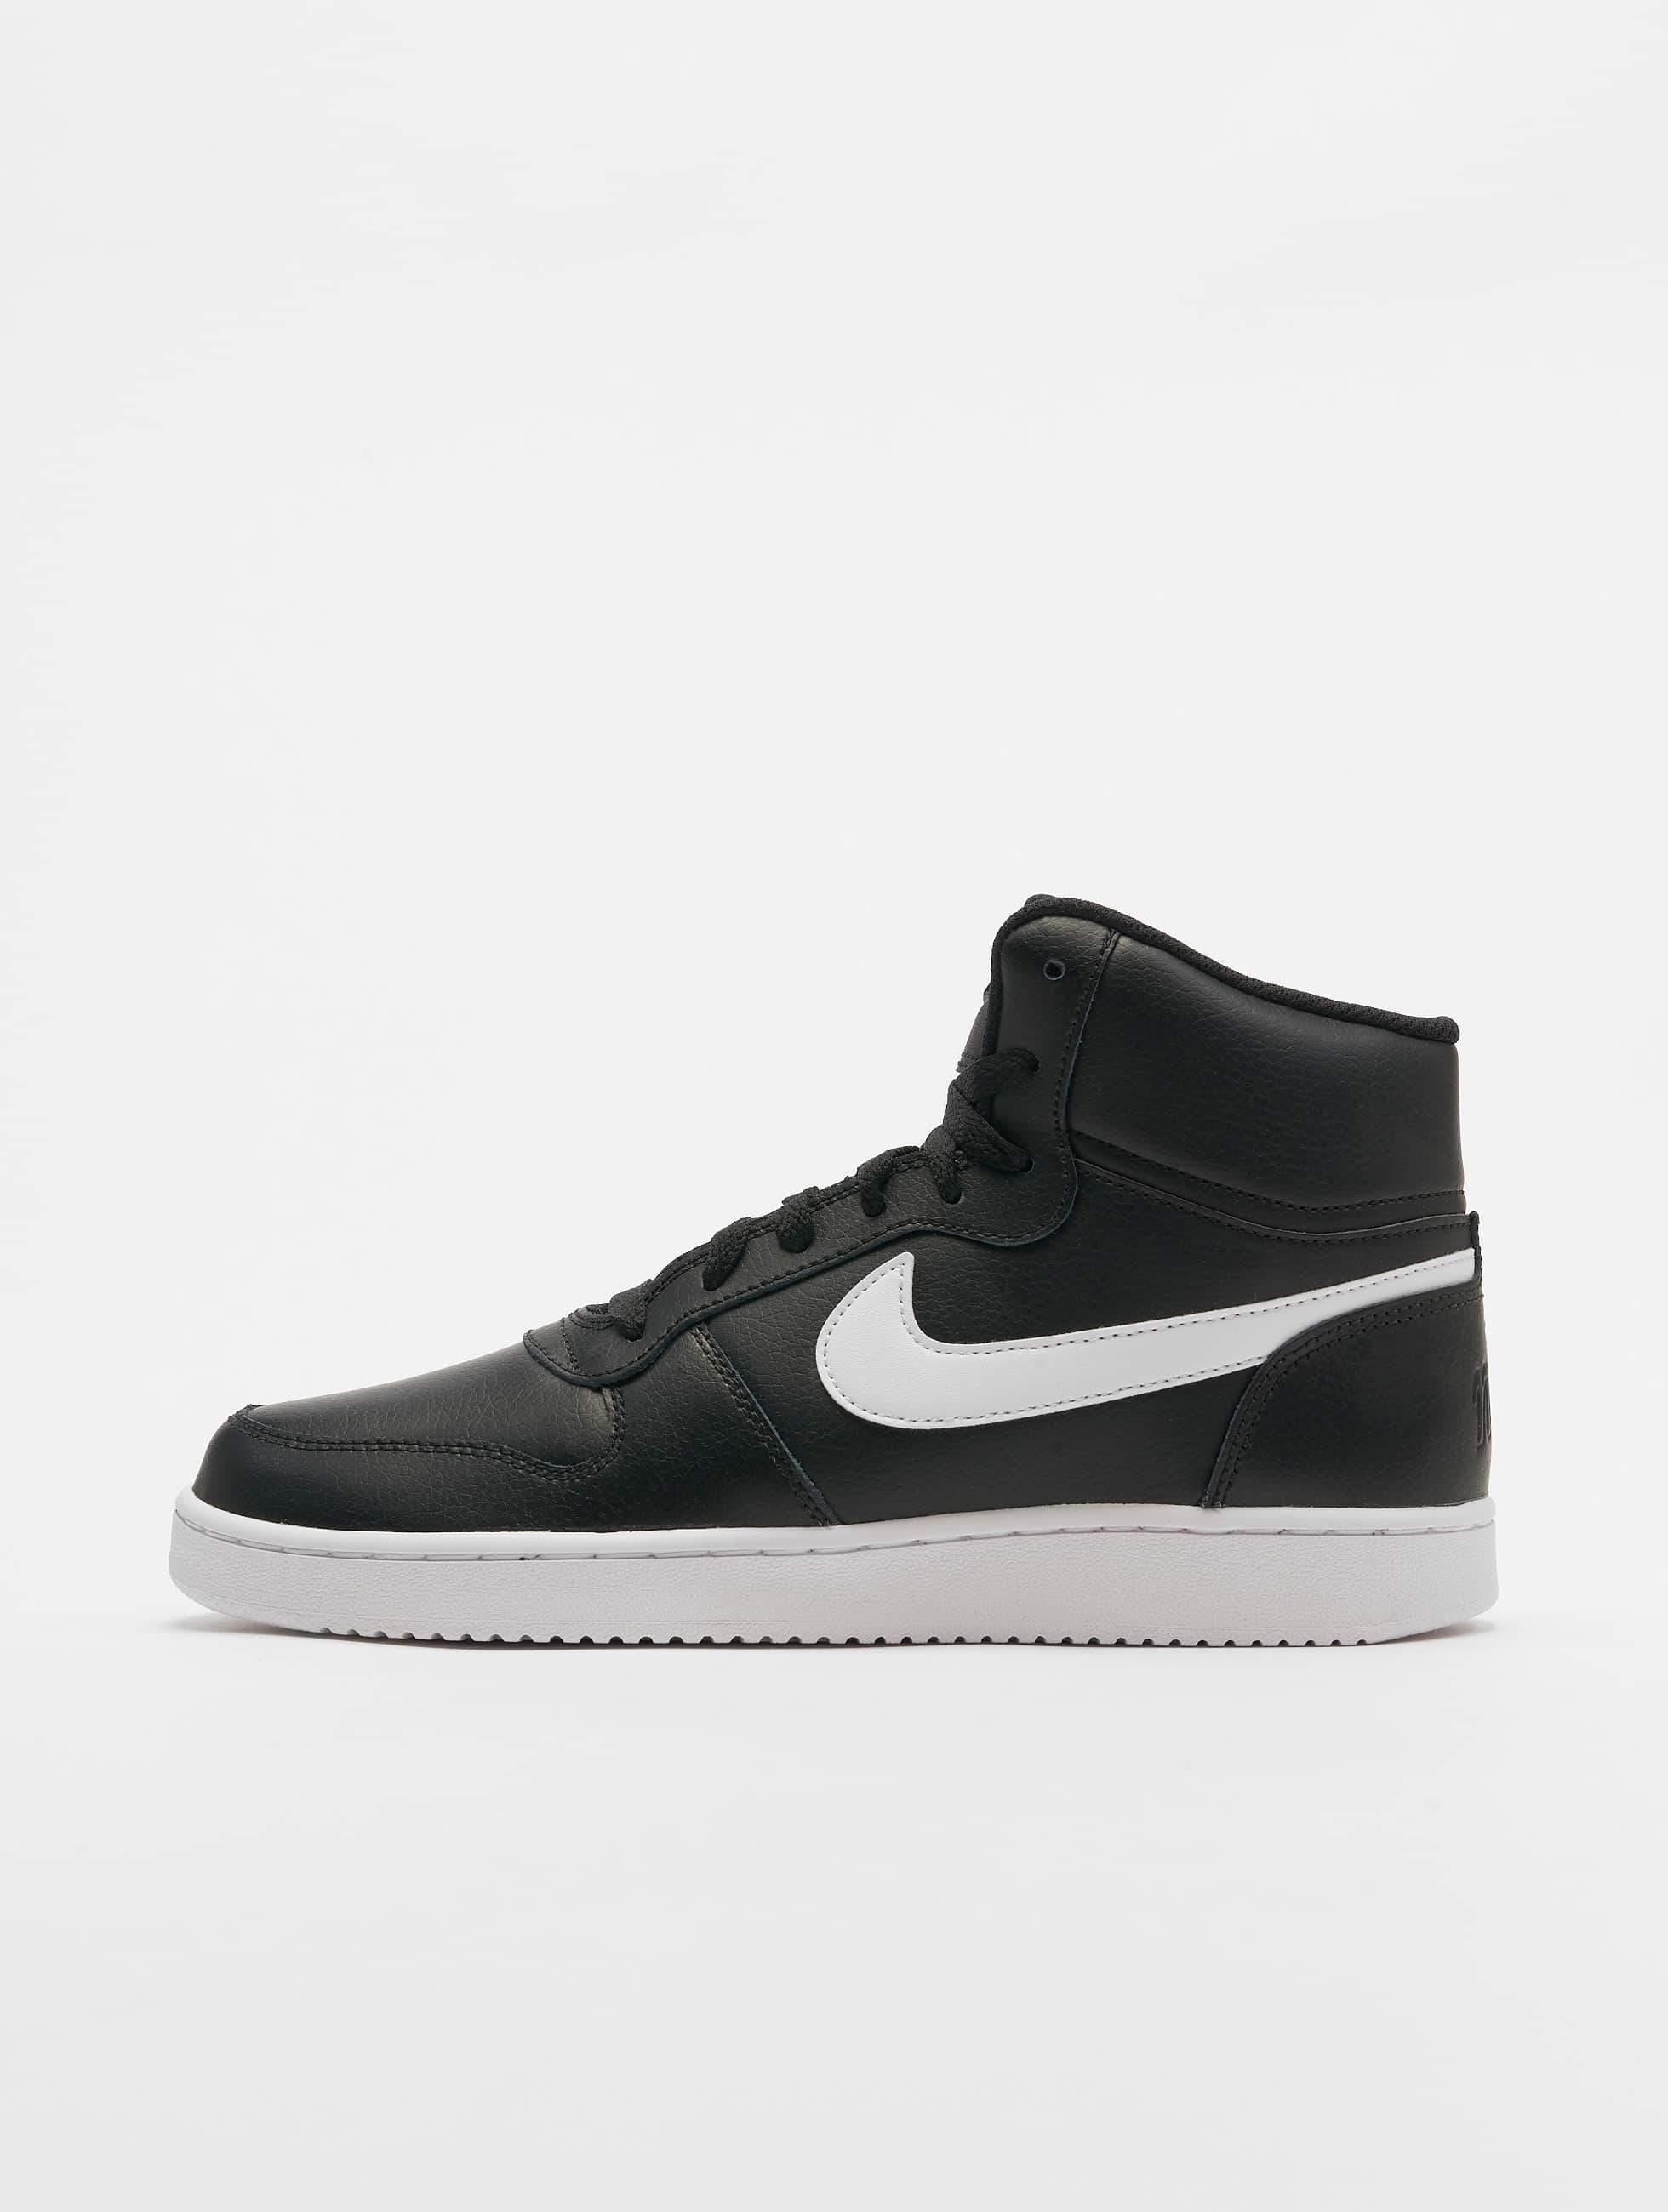 d26a95825c9 Nike schoen / sneaker Ebernon Mid in zwart 537028